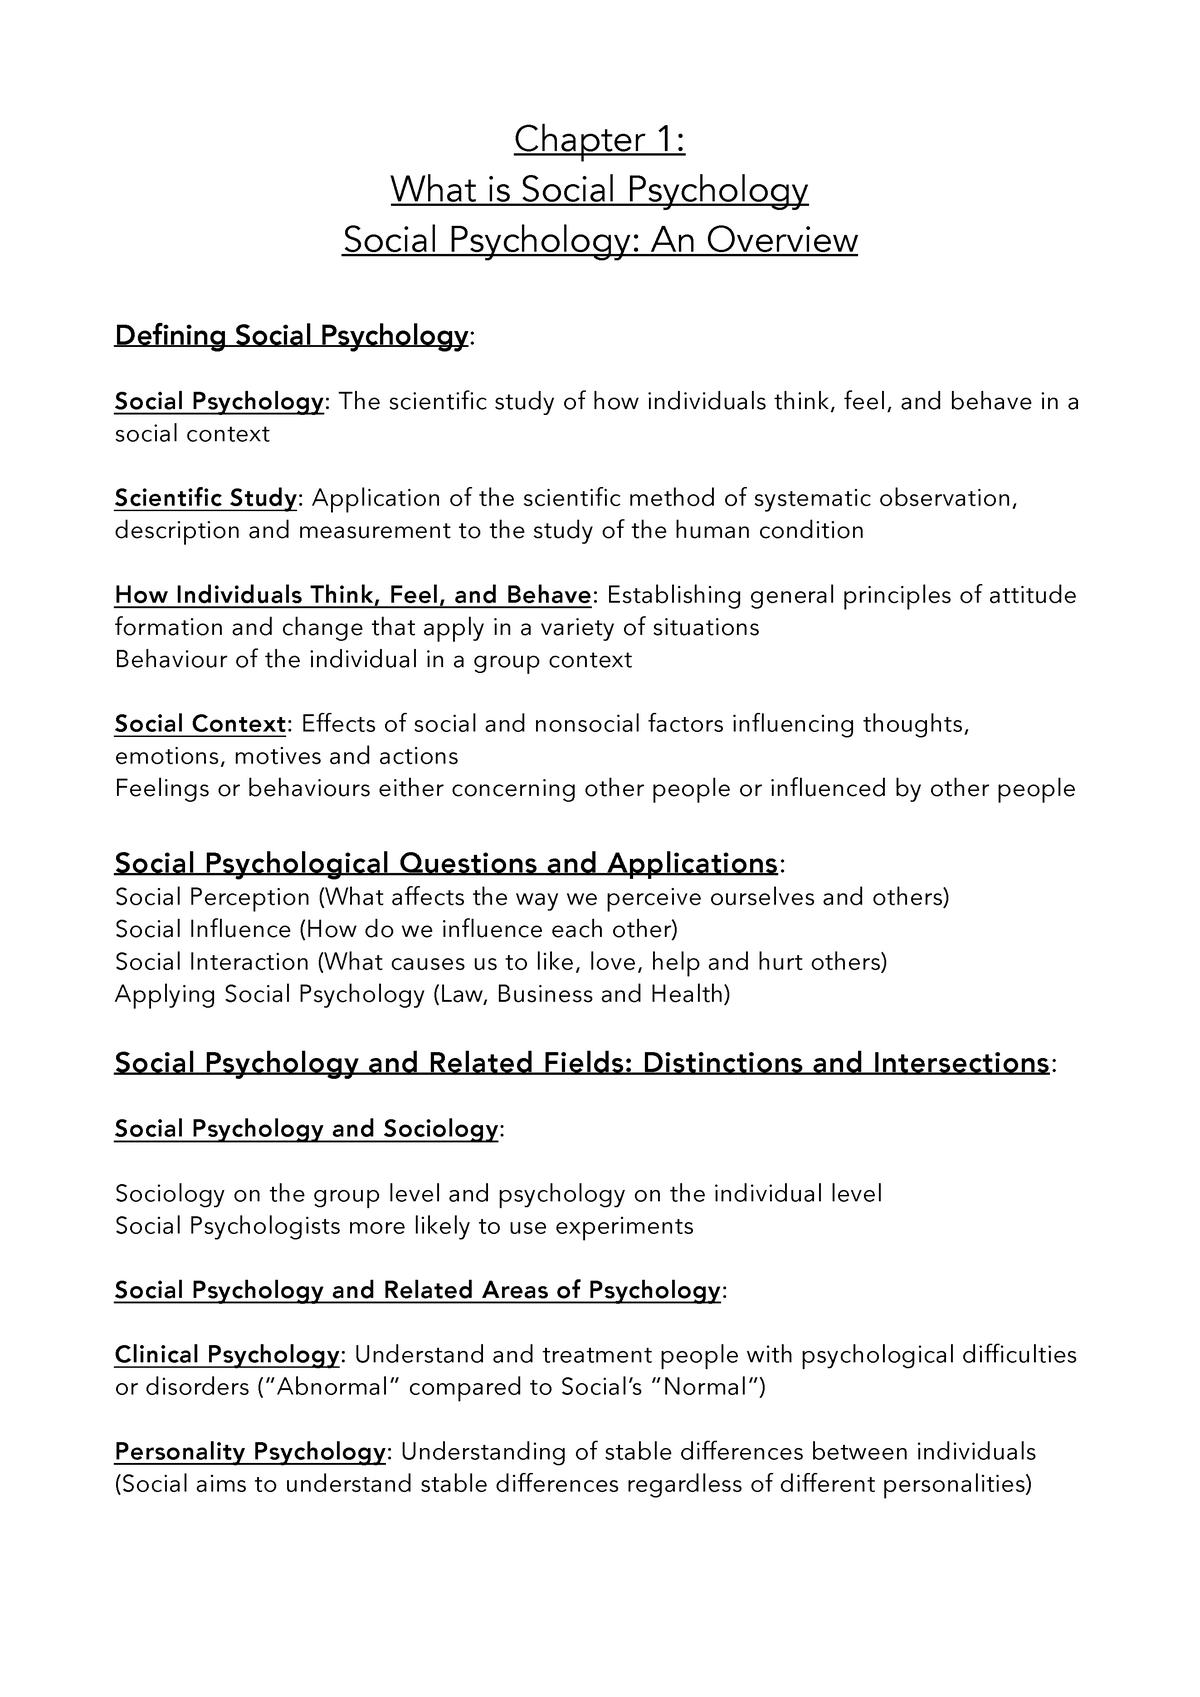 Chapter 1 - Psychology 220 SLK 220 - UP - StuDocu